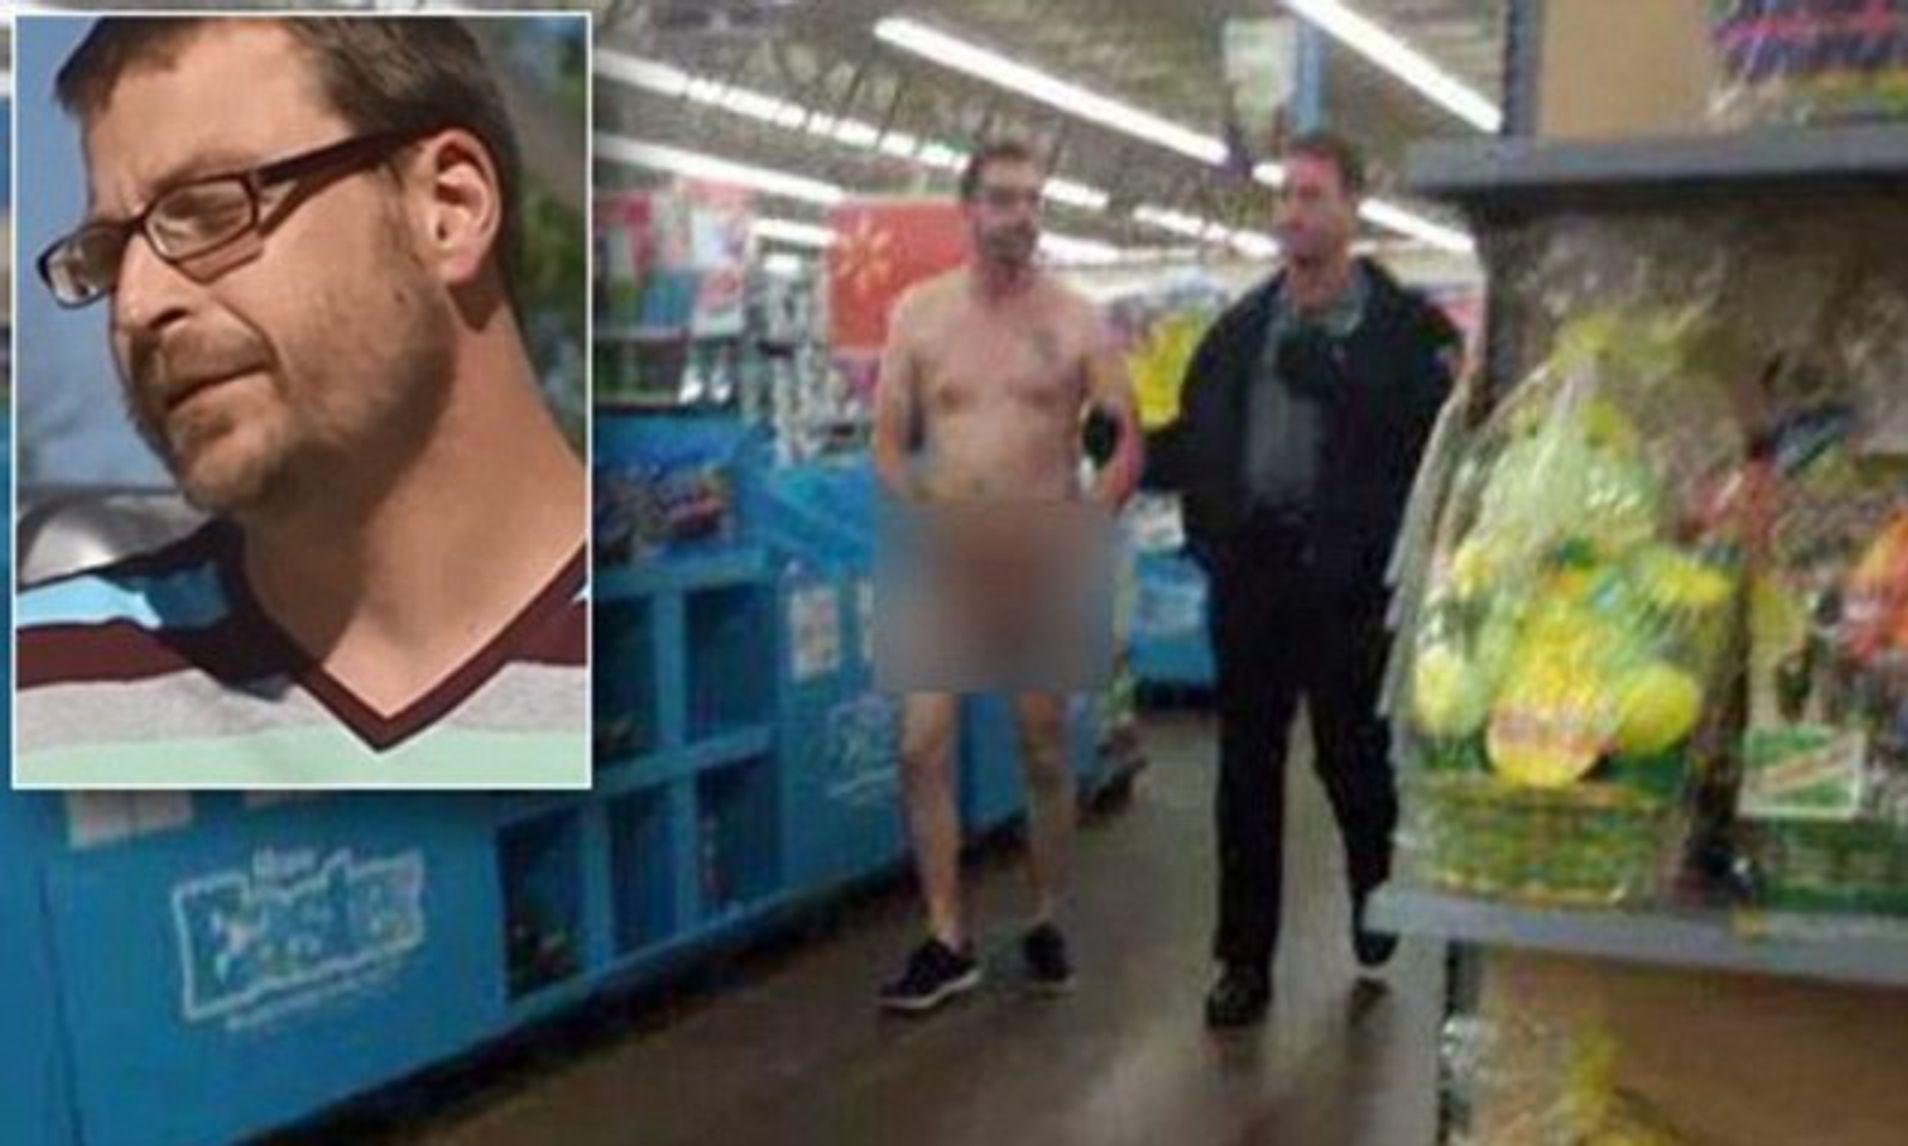 Girls caught naked at walmart